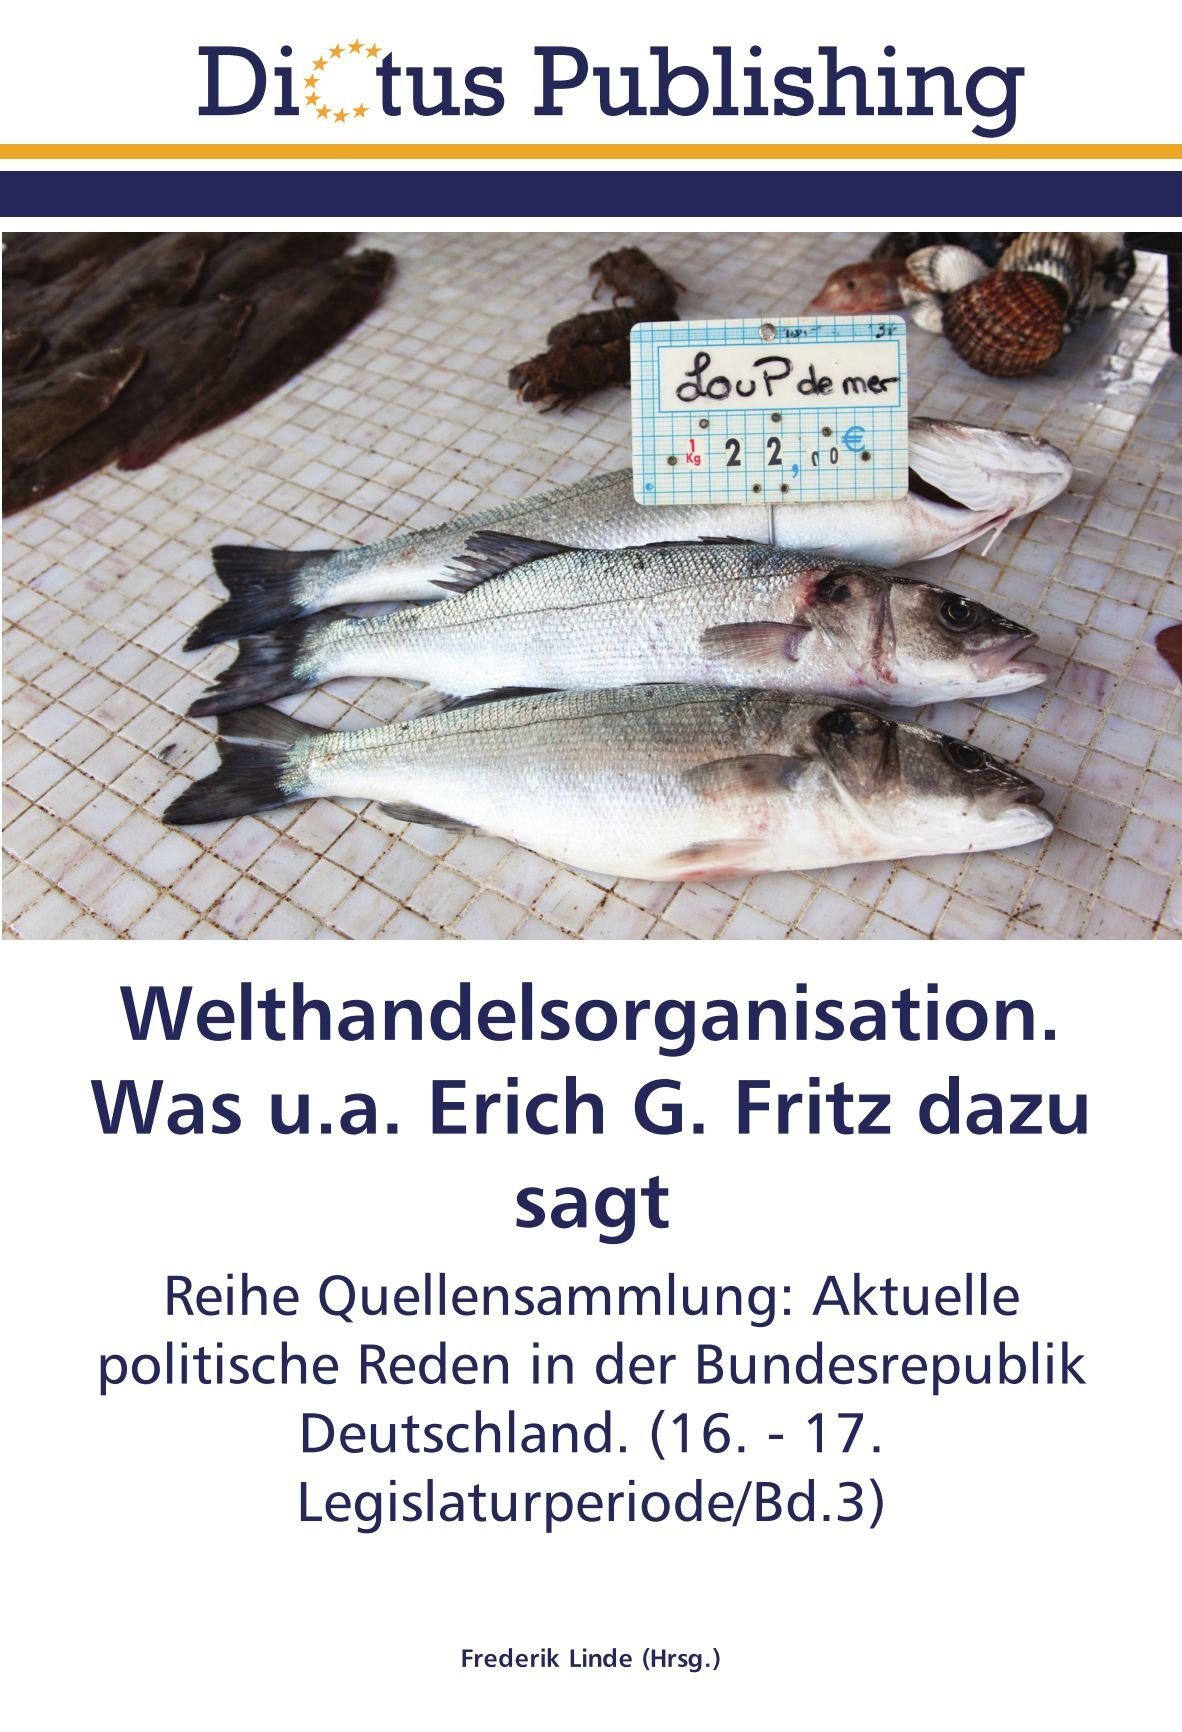 Welthandelsorganisation. Was u.a. Erich G. Fritz dazu sagt: Reihe Quellensammlung: Aktuelle politische Reden in der Bundesrepublik Deutschland. (16. - 17. Legislaturperiode/Bd.3) (German Edition) pdf